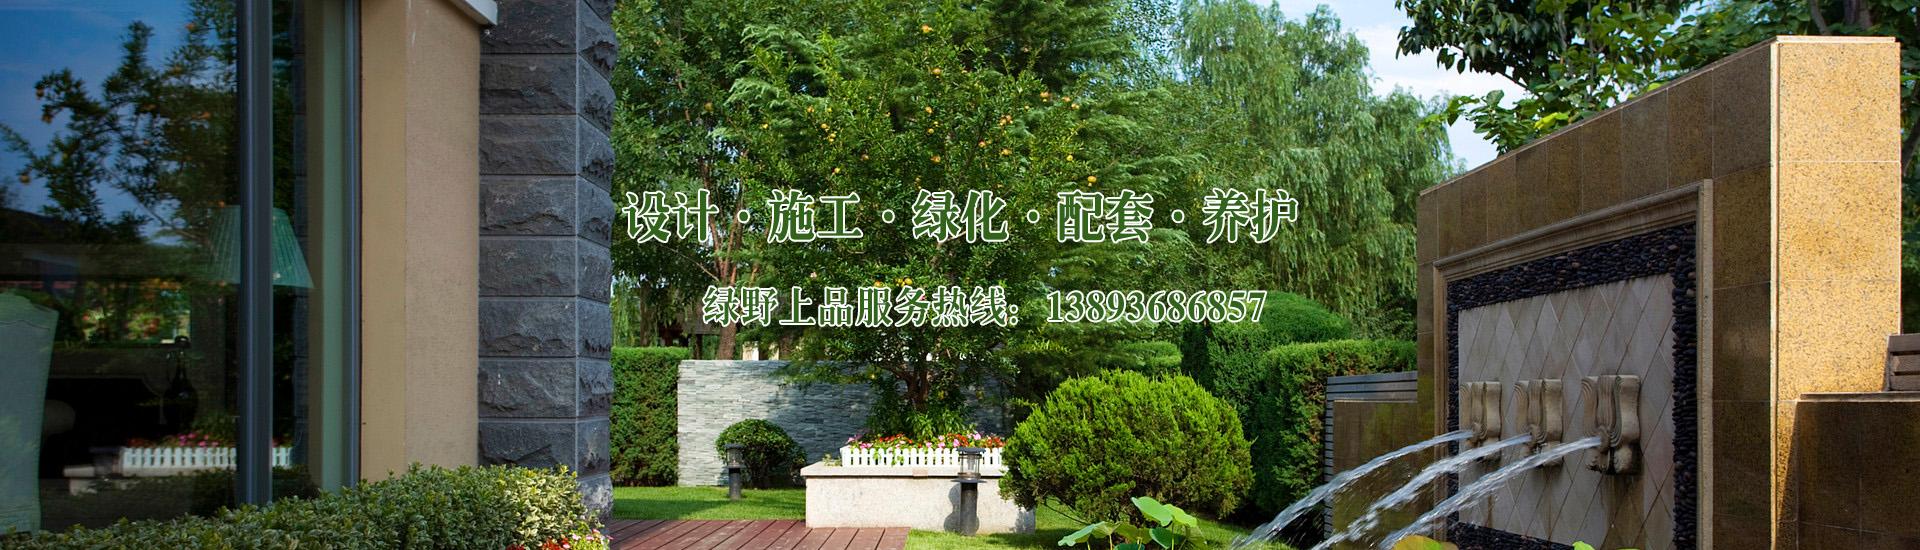 綠野上品提供設計·施工·綠化·配套·養護一站式服務